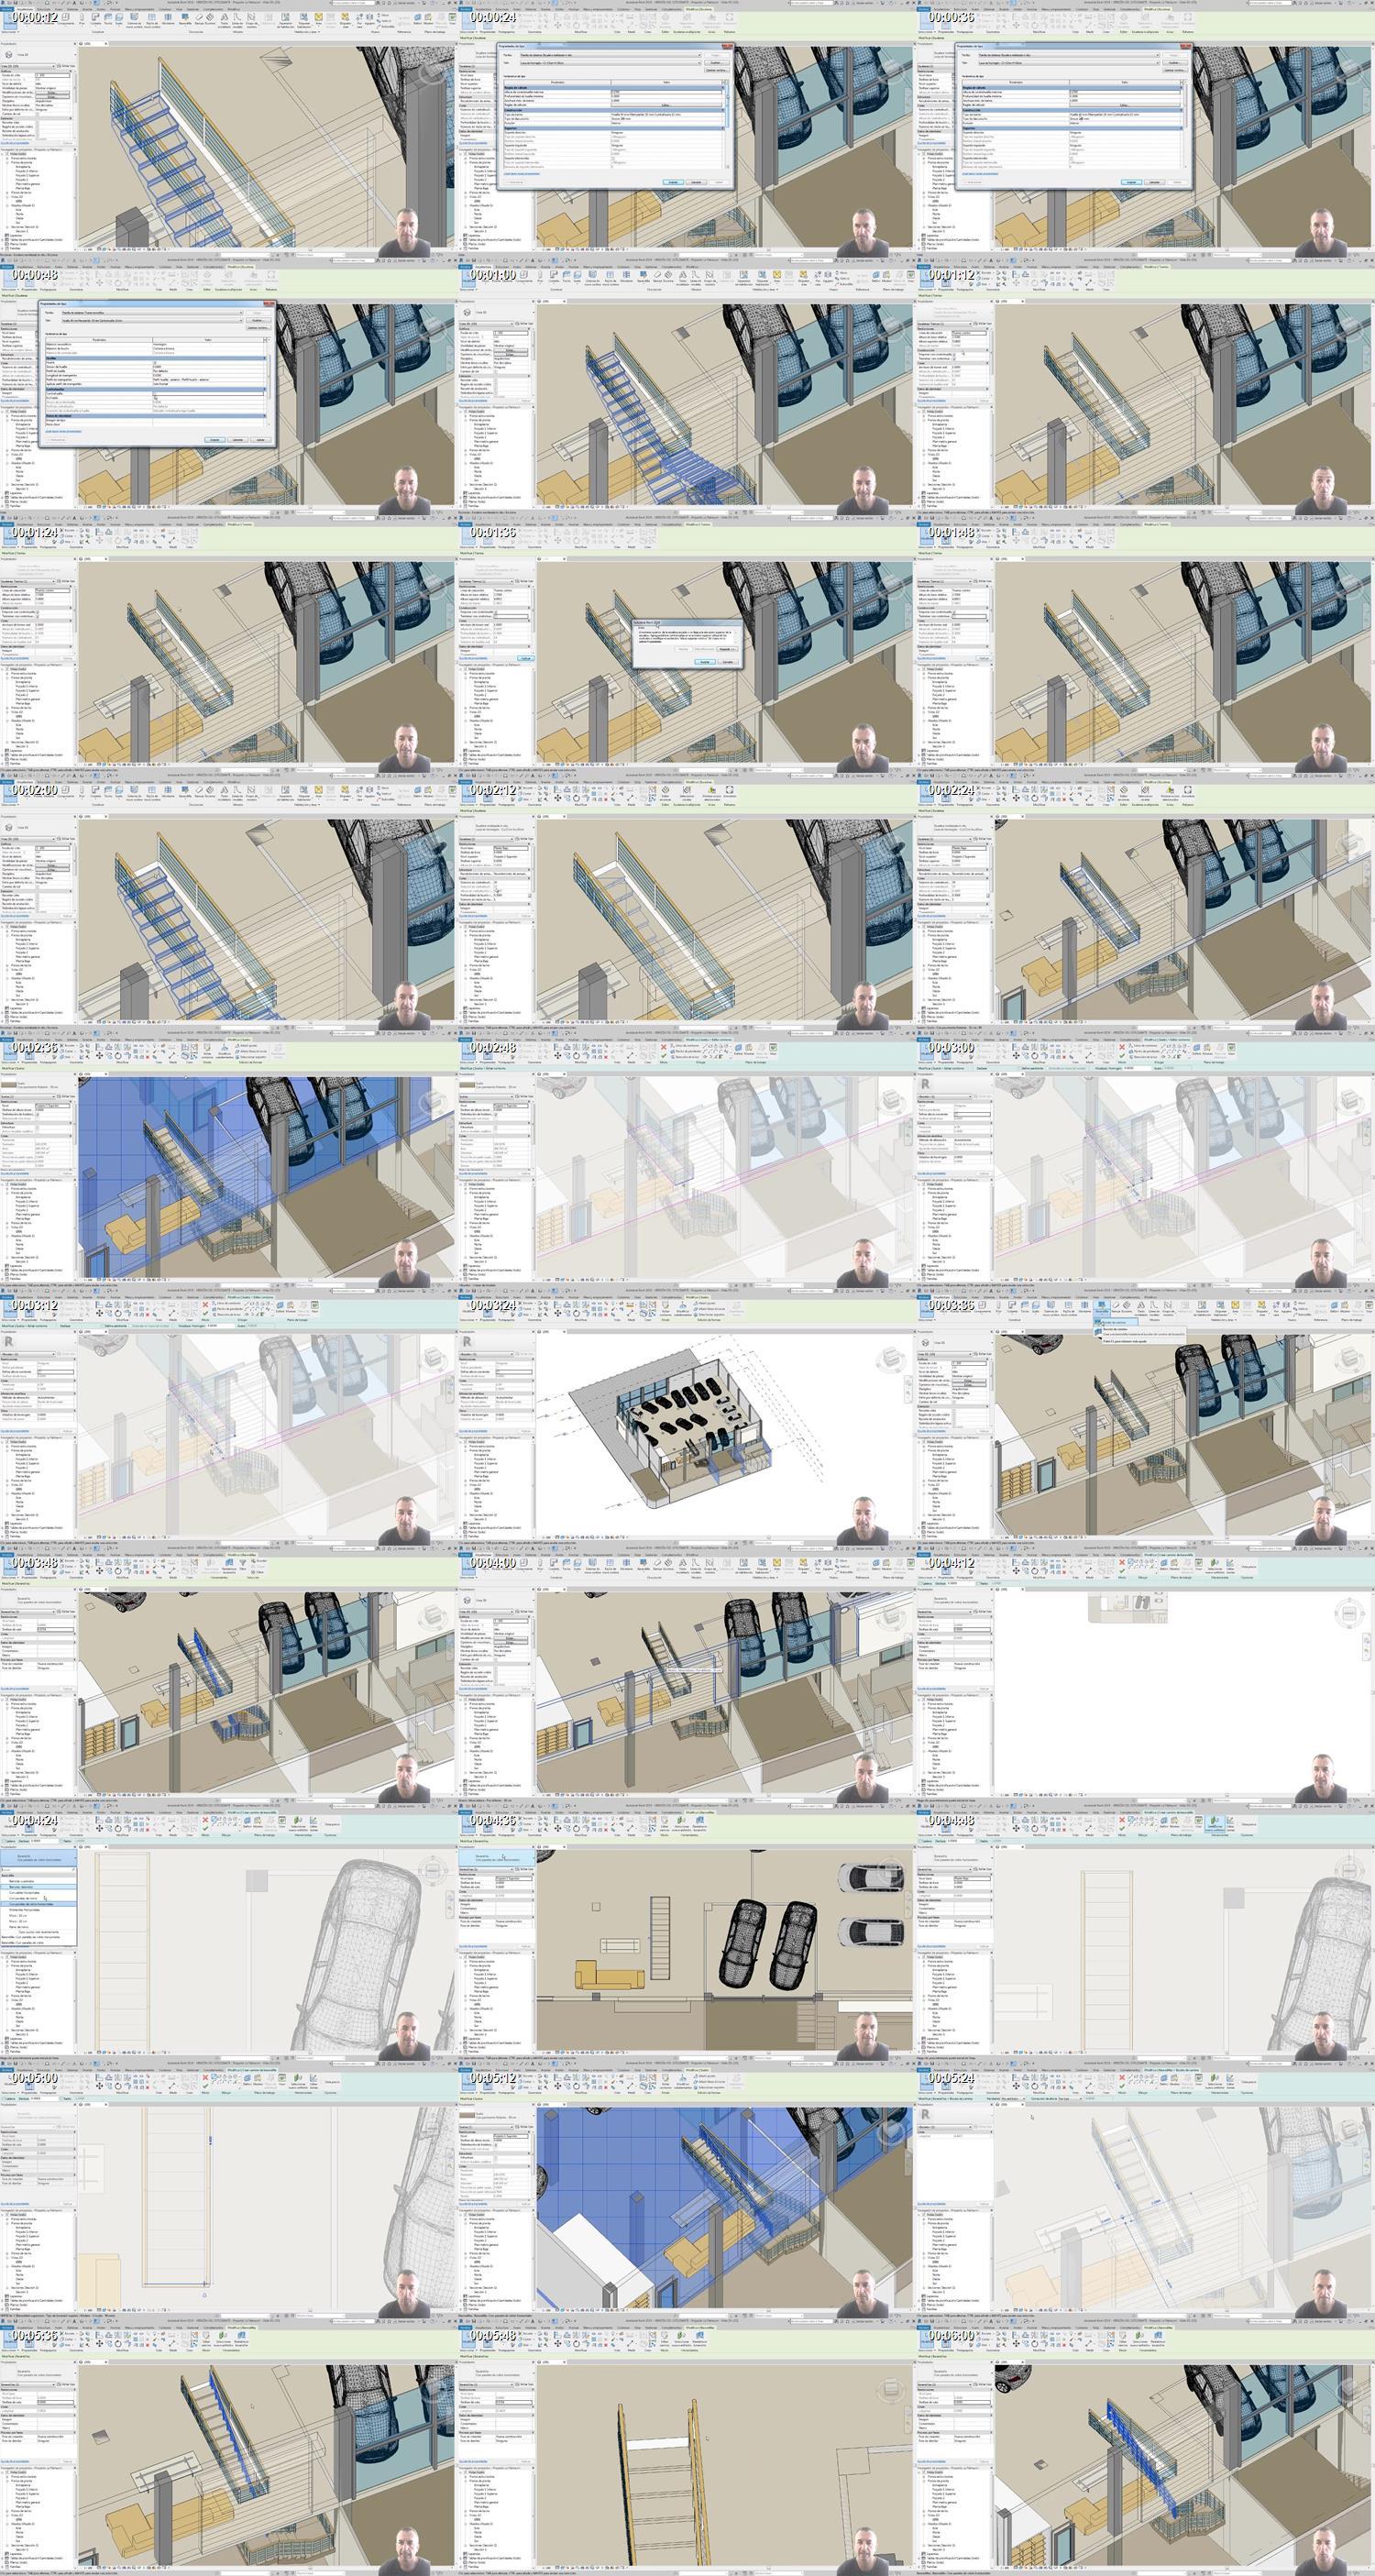 añadir barandilla y eliminar tabica en escalera_Thumbnail